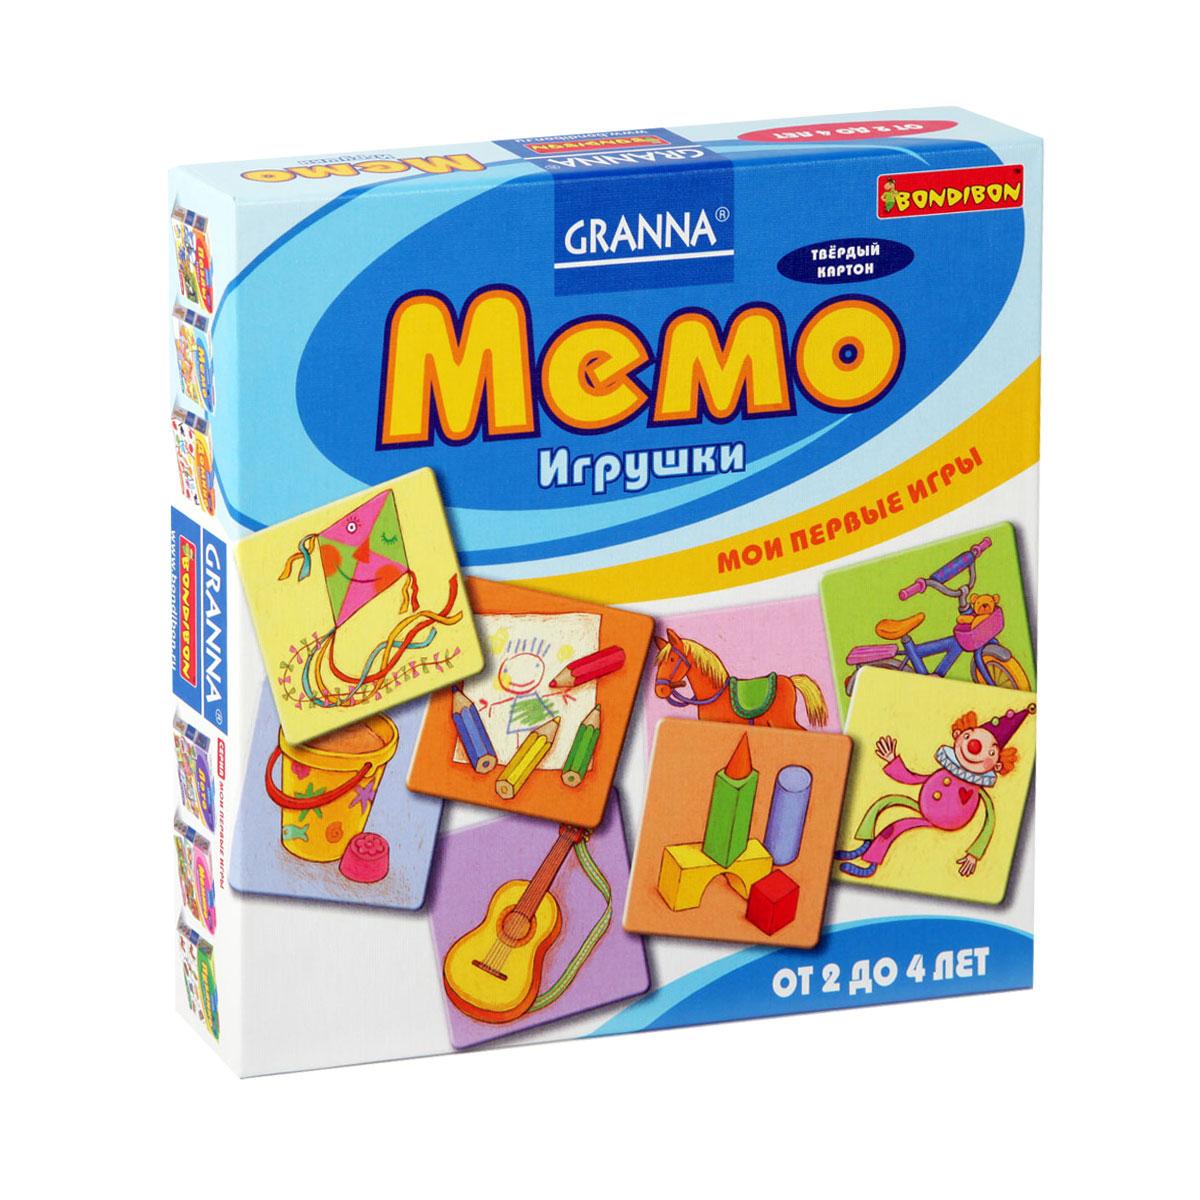 Мемо Bondibon ИгрушкиВВ1002Мемо Bondibon Игрушки позволит вам и вашему малышу весело и с пользой провести время, ведь совместная игра - лучший способ узнать ребенка. Правила Мемо очень просты и основаны на принципе подбора парных картинок. Положите все карточки на стол картинкой вниз. В свой ход вы переворачиваете две любые карточки и смотрите, совпадают ли их картинки. Если да, то вы забираете пару себе, если нет – возвращаете карточки на свое место лицом вниз. Важно не показывать переворачиваемые вами карточки другим игрокам. Игроки ходят поочередно, каждый раз забирая выигранные карточки себе. Секрет успеха в игре зависит от того, насколько хорошо игроки запоминают, где какая картинка лежит. Формально, побеждает тот, кто наберет наибольшее количество карточек, но на самом деле выигрывают все, потому что эта игра замечательно развивает зрительную память! В комплект входят 24 карточки с изображениями различных рисунков и правила игры на русском языке.